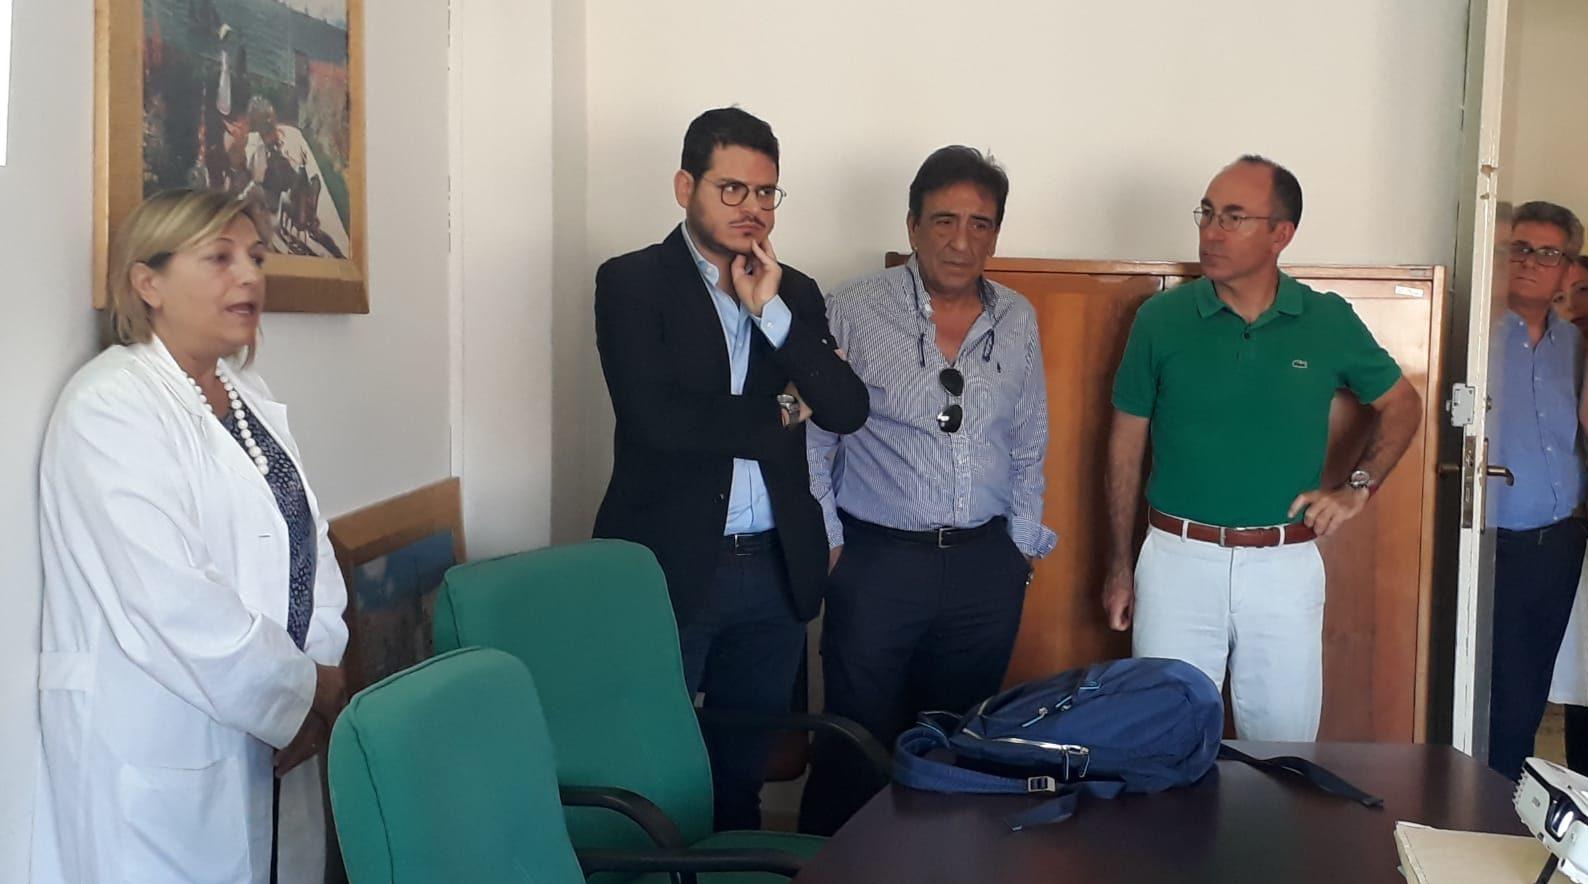 Paternò, il Dg dell'Asp in visita all'Ospedale: chiesti più anestesisti e nuovo Pronto soccorso